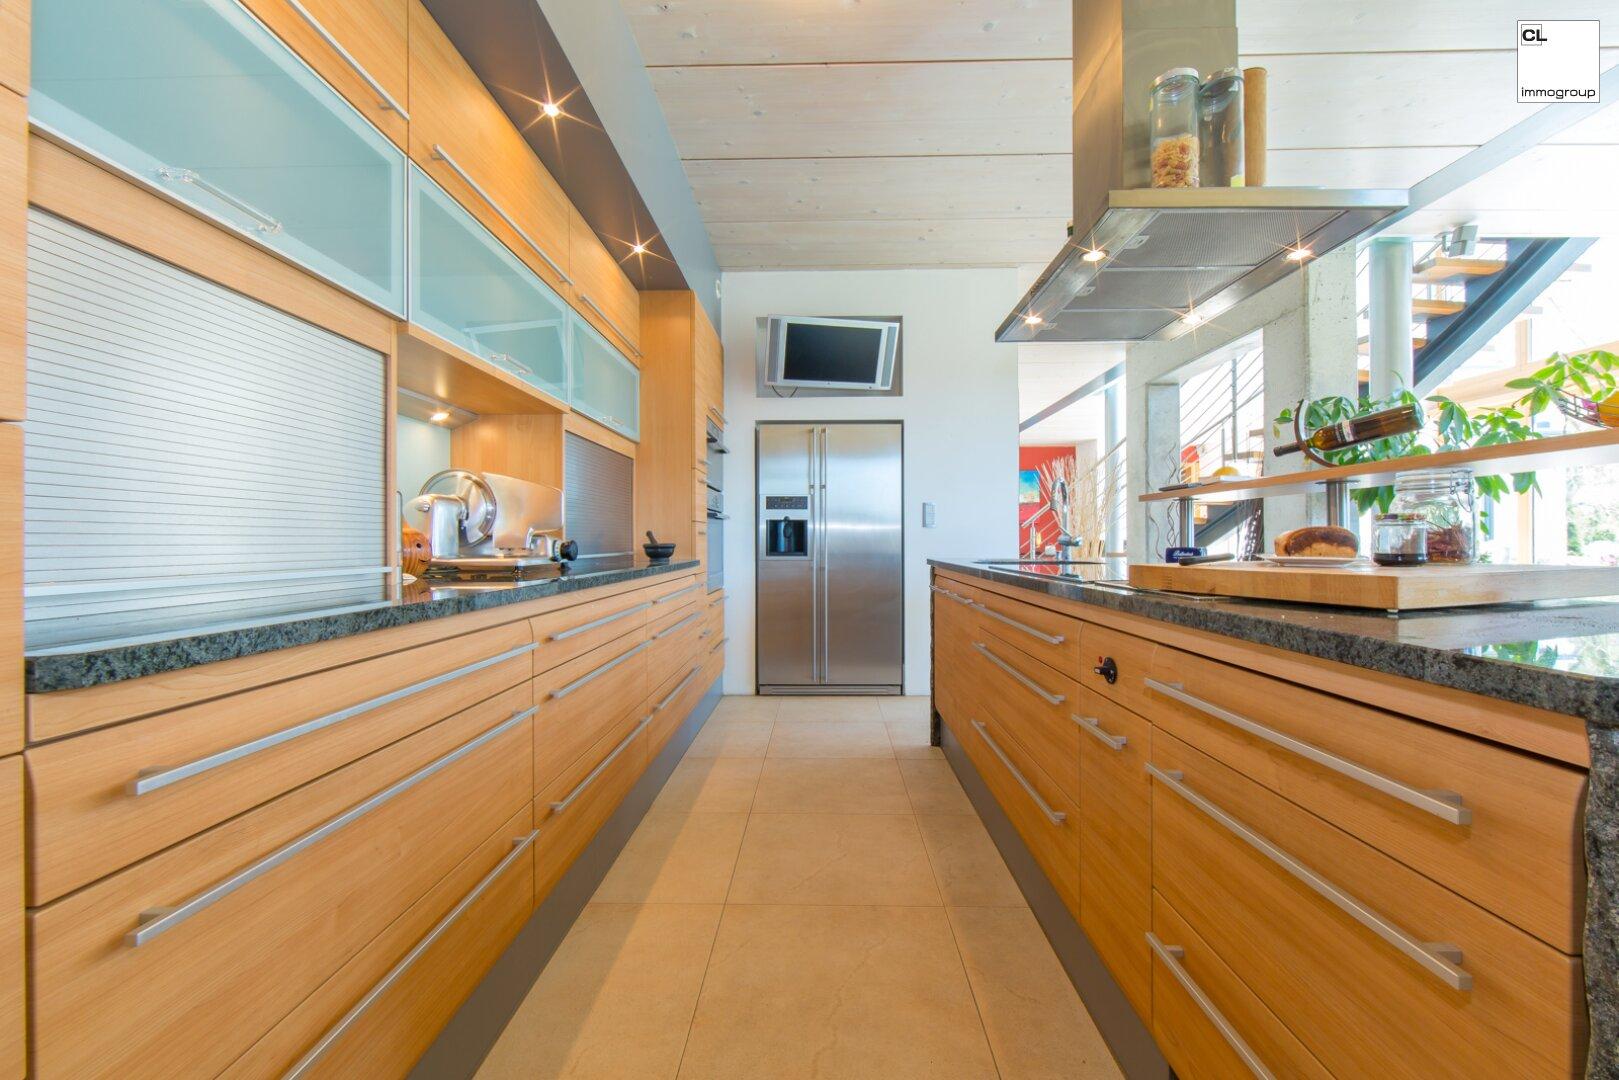 Schöne Linien im Küchenbereich